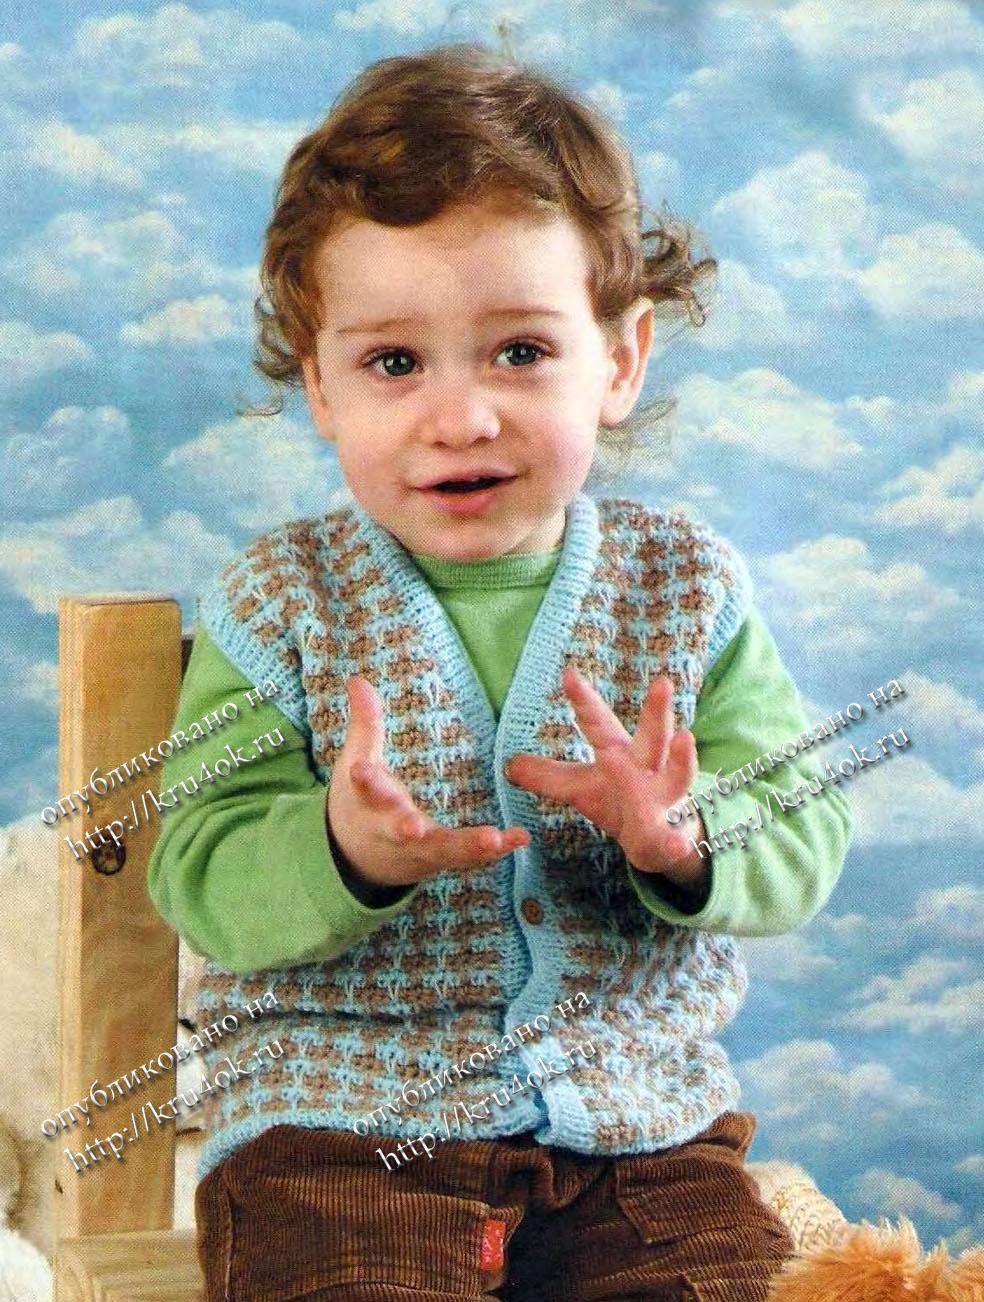 вязание спицами жилетки для мальчика 1ю5 2 года схема